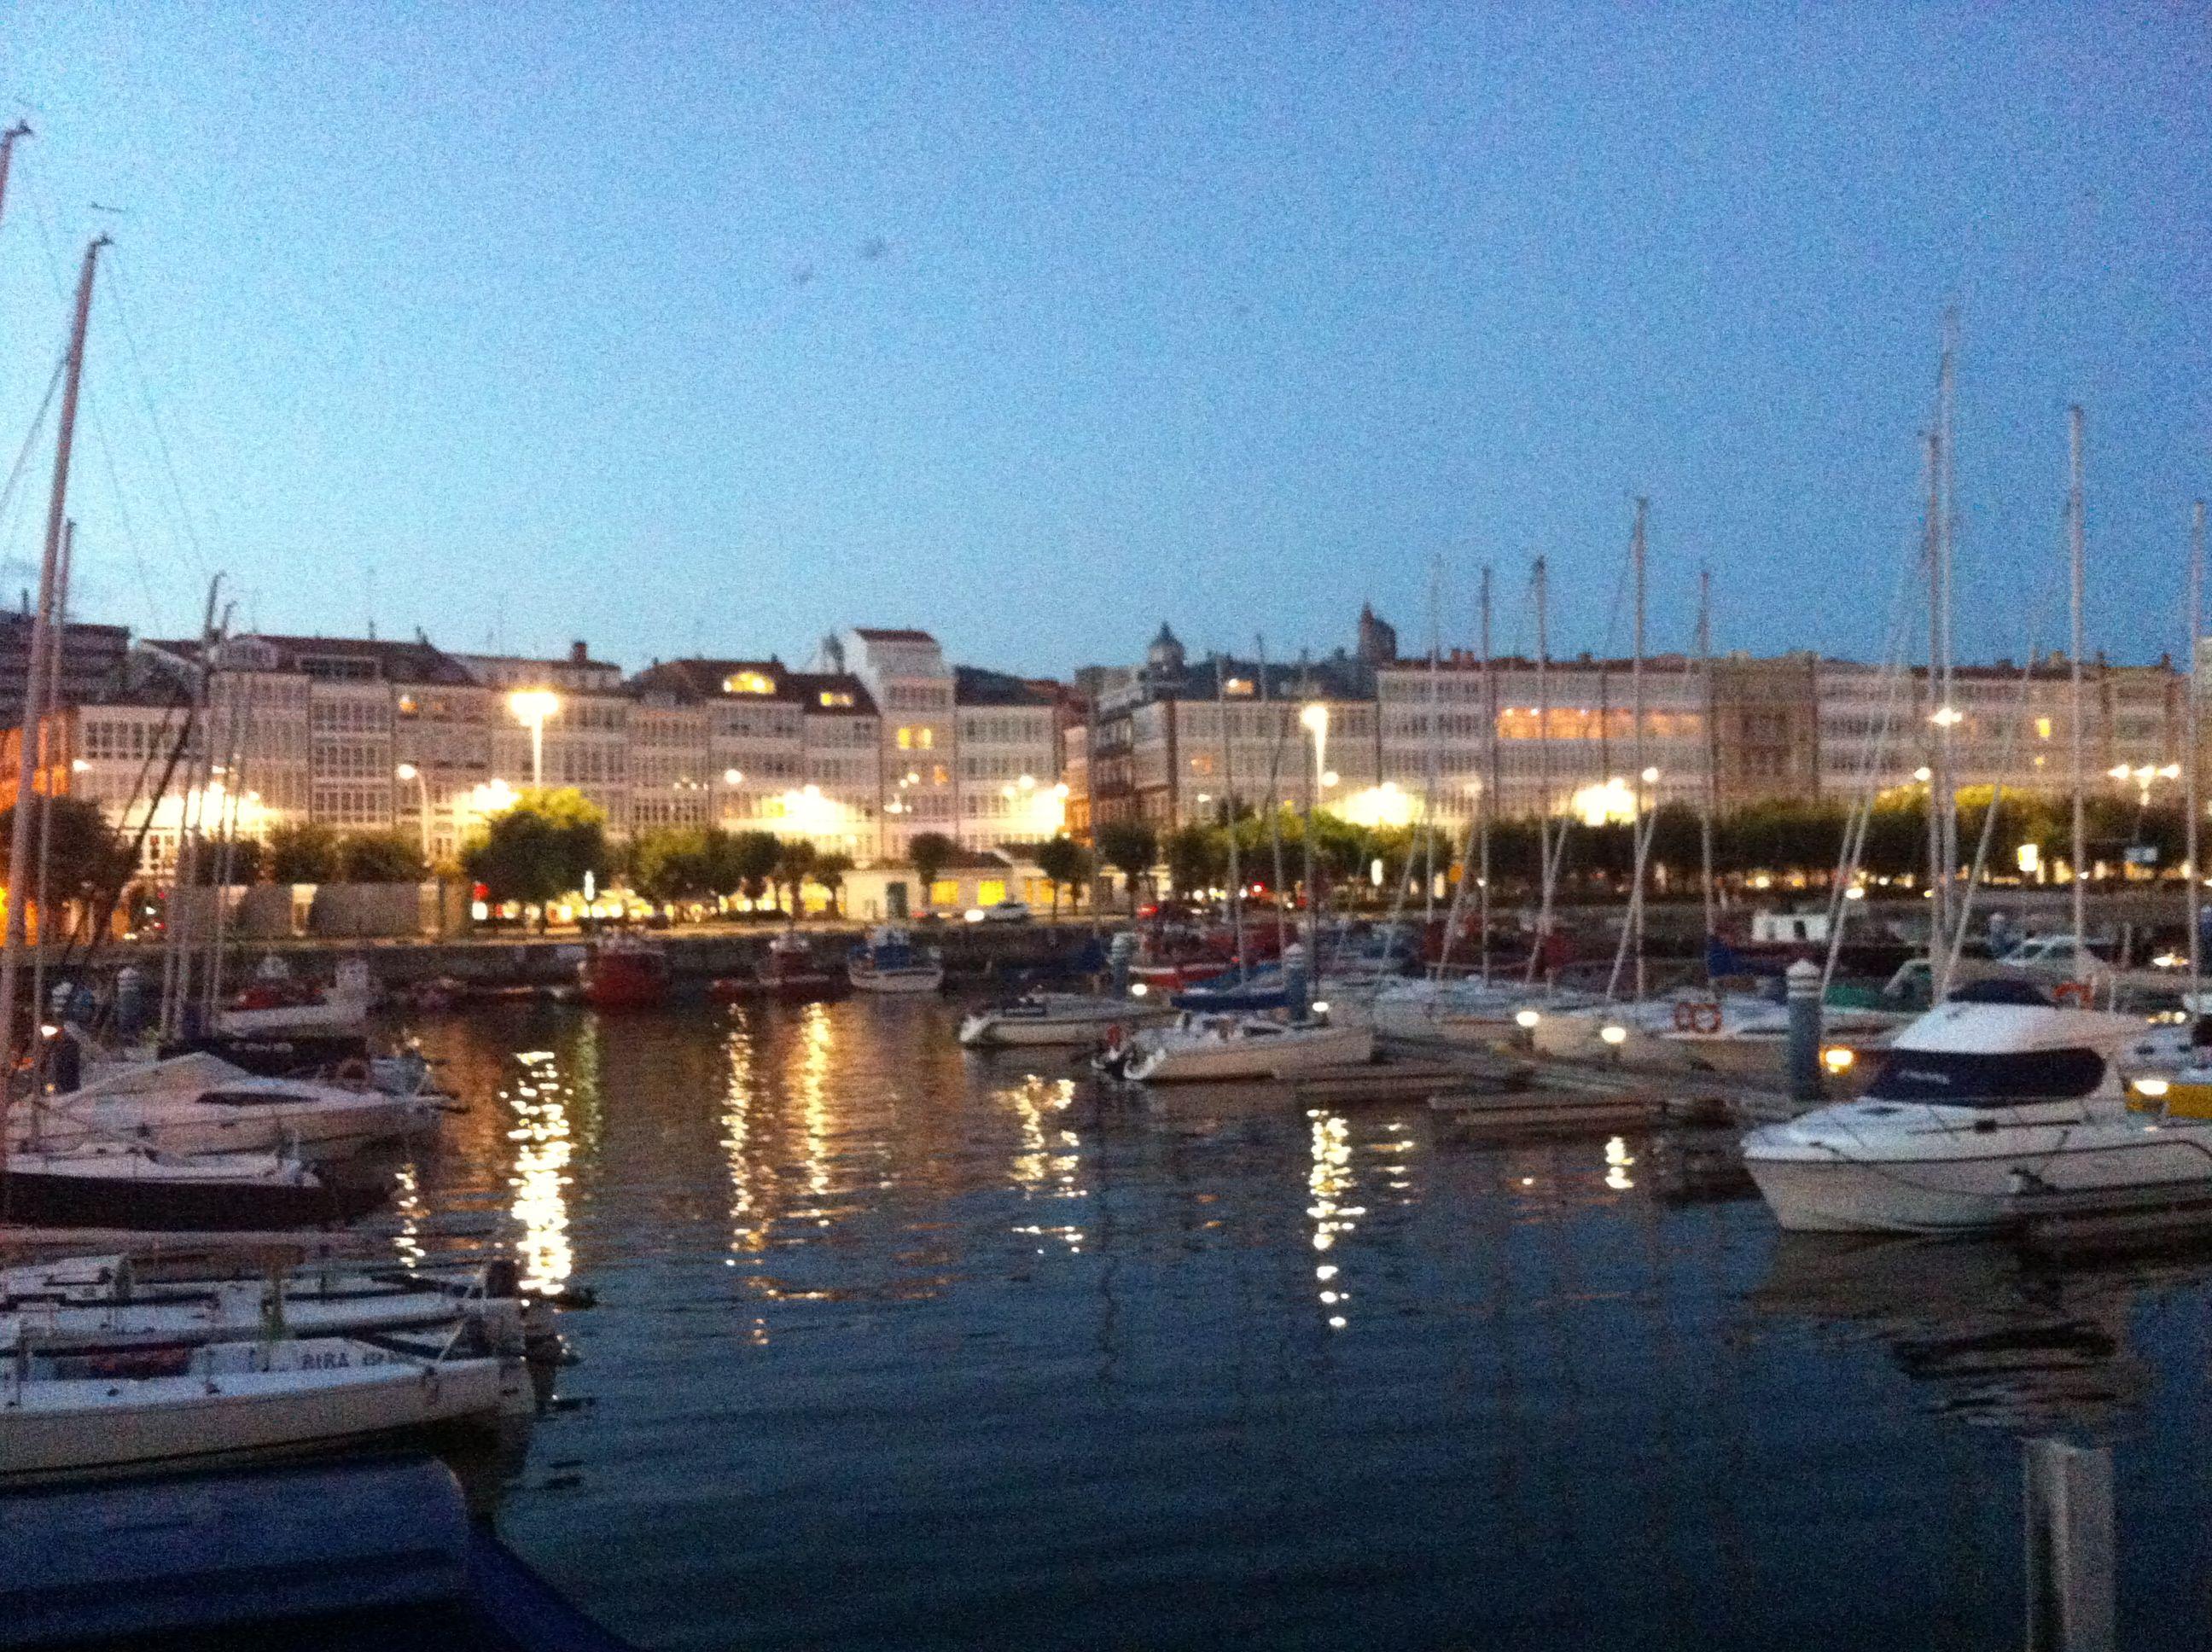 Galerías De La Marina Desde La Dársena La Coruña Galicia Spain A Coruña España Paisajes